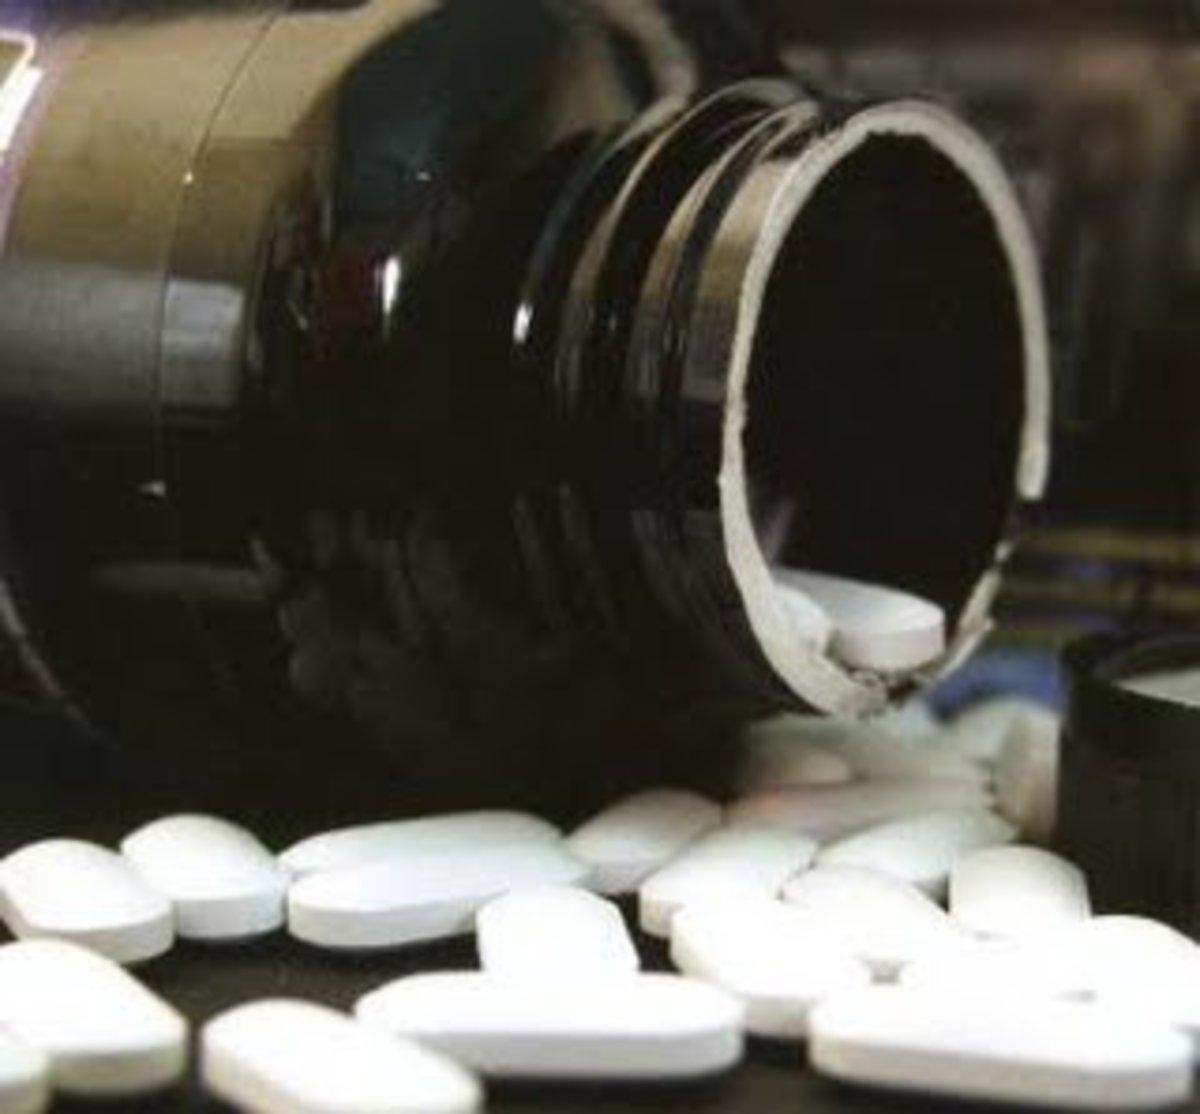 Χάπια για τη γρίπη με ταλκ | Newsit.gr